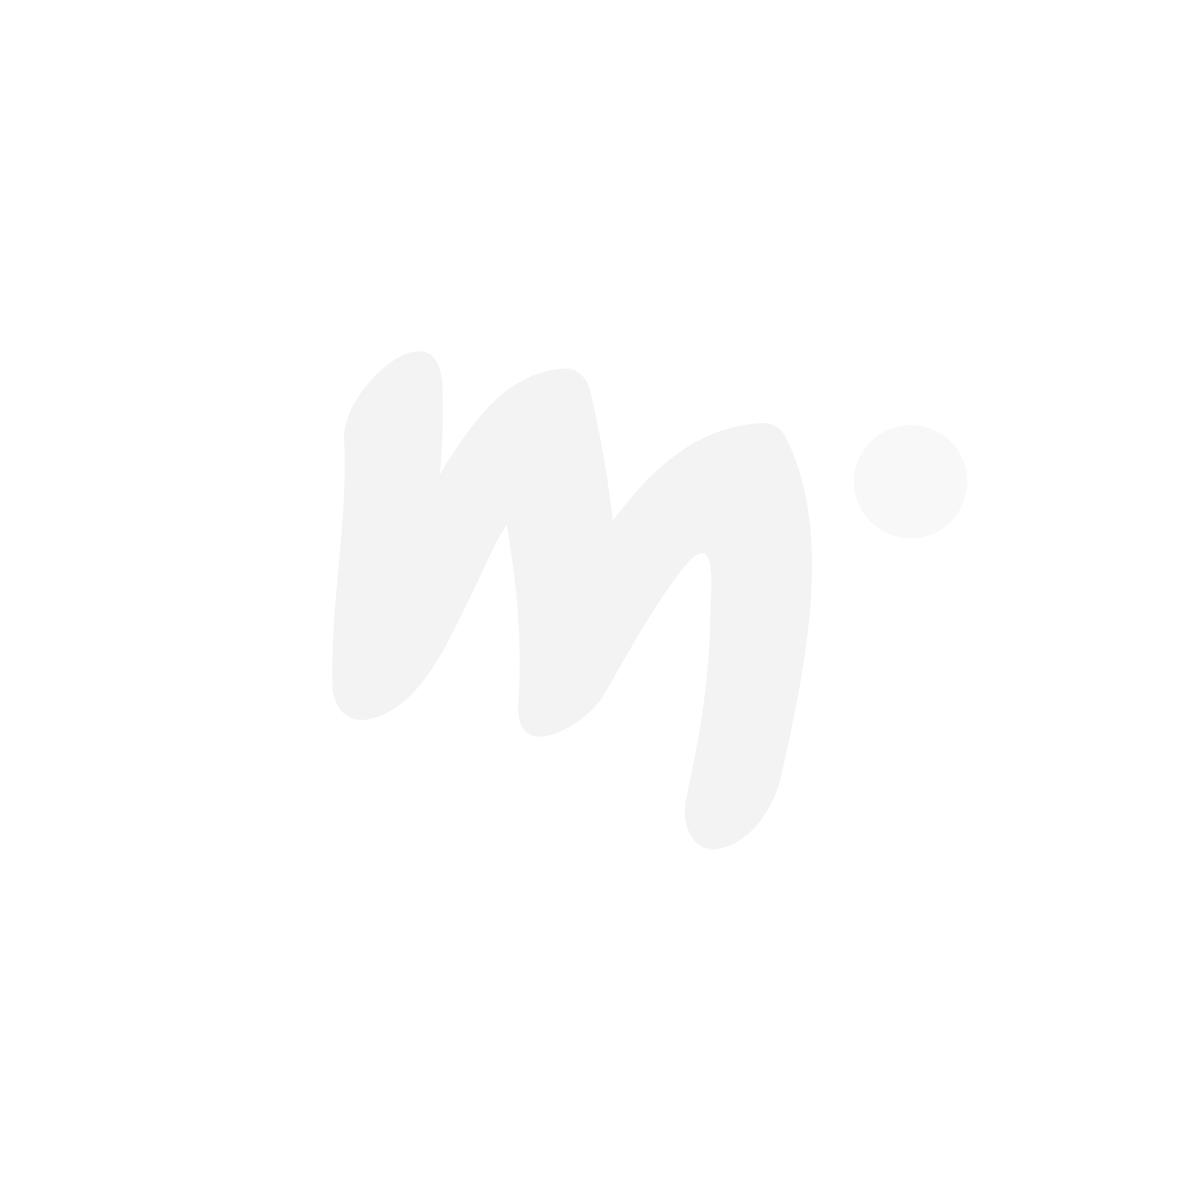 Muumi Hahmot-neliöpurkit 3 kpl